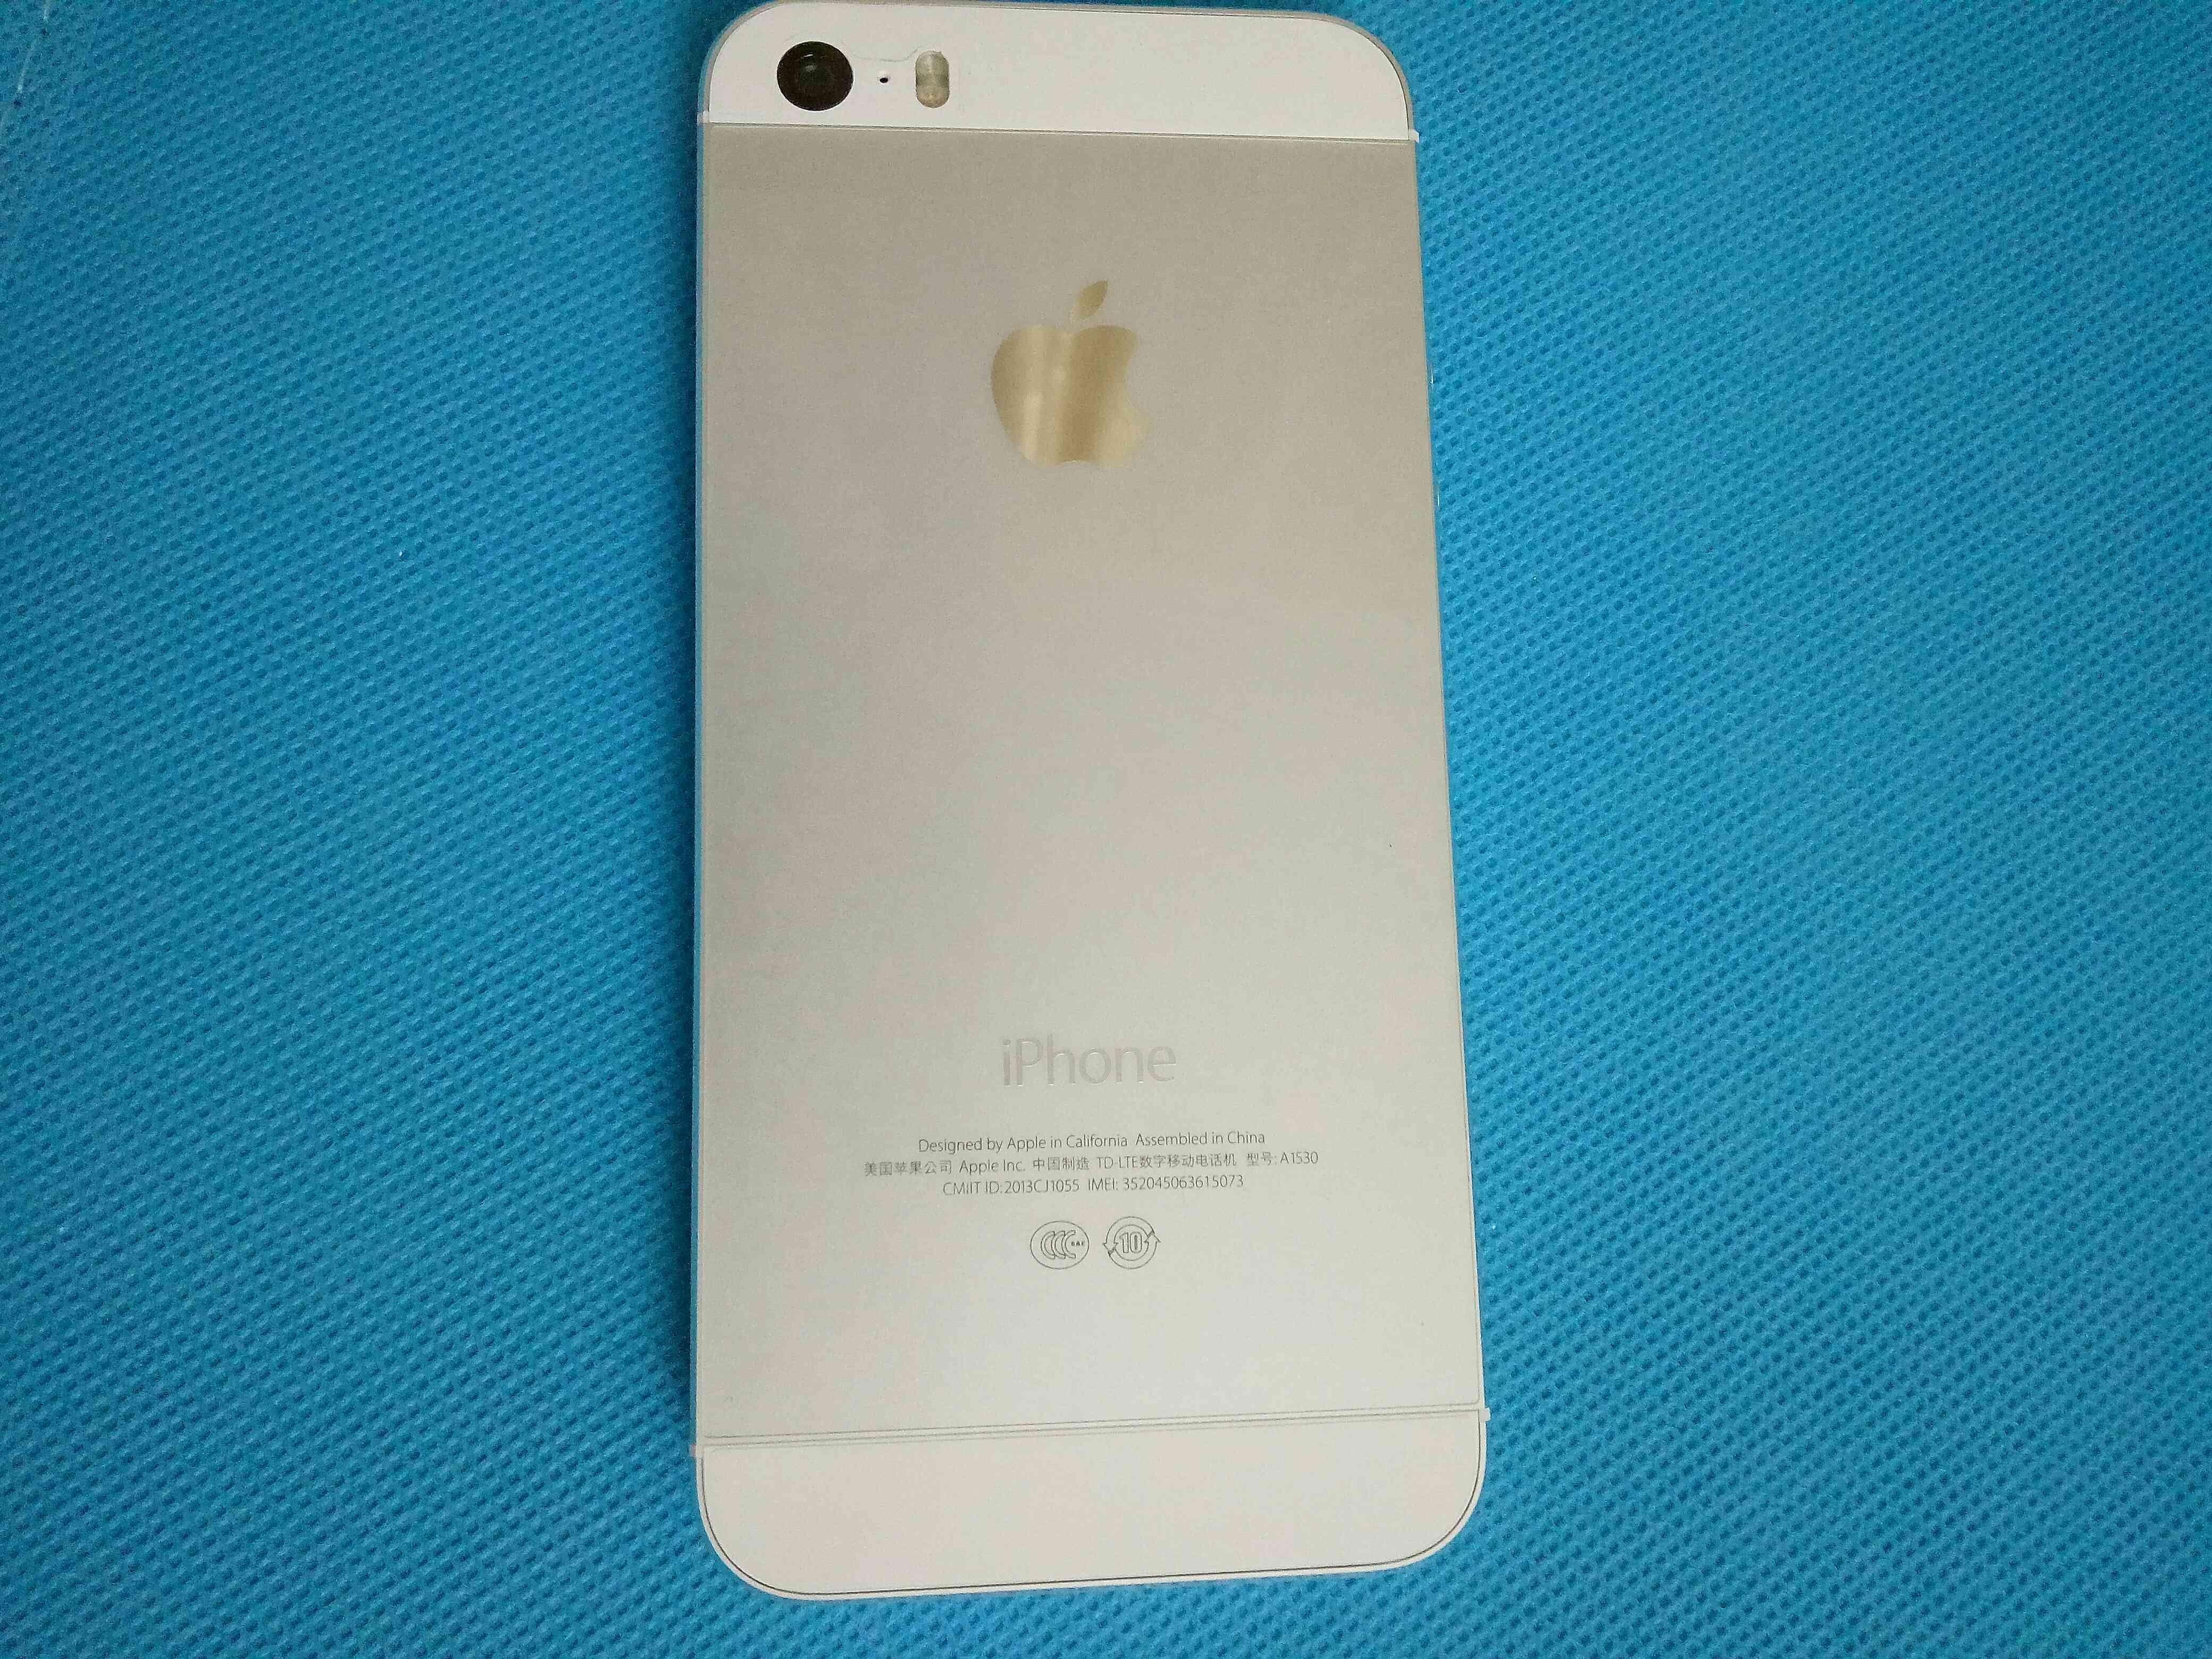 苹果6手机回收价格表 原装金水回收价格是多少》实时行情报价